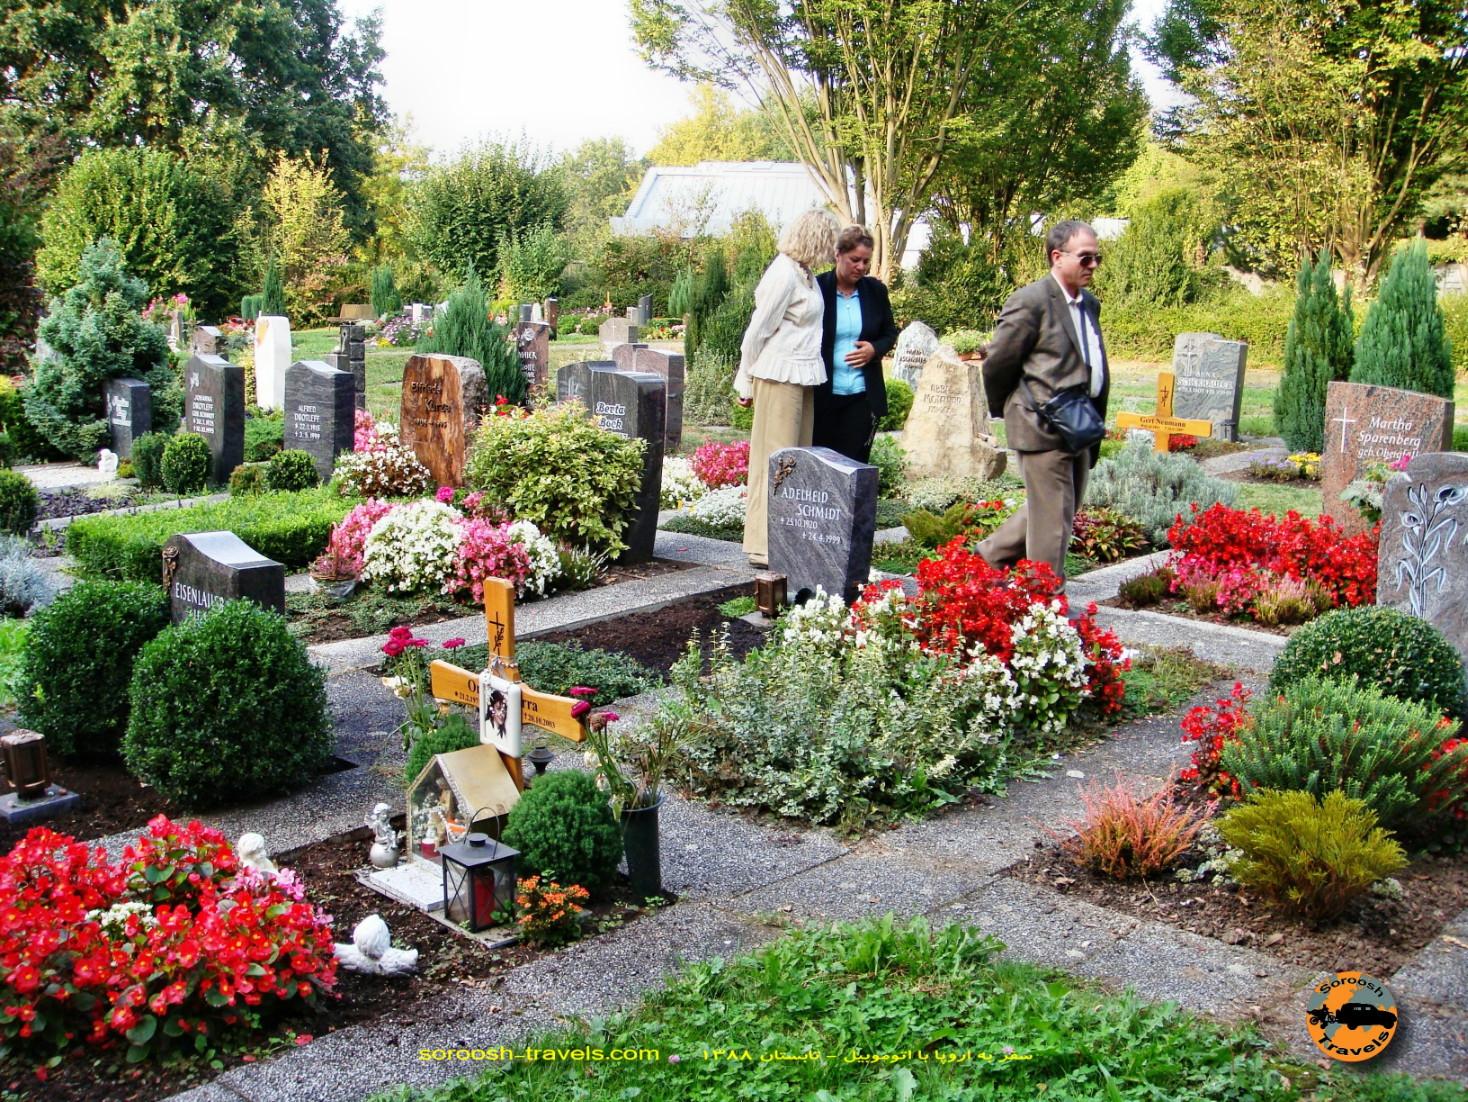 30-shahrivar-1388-21-september-2009-ludwigsburg-37